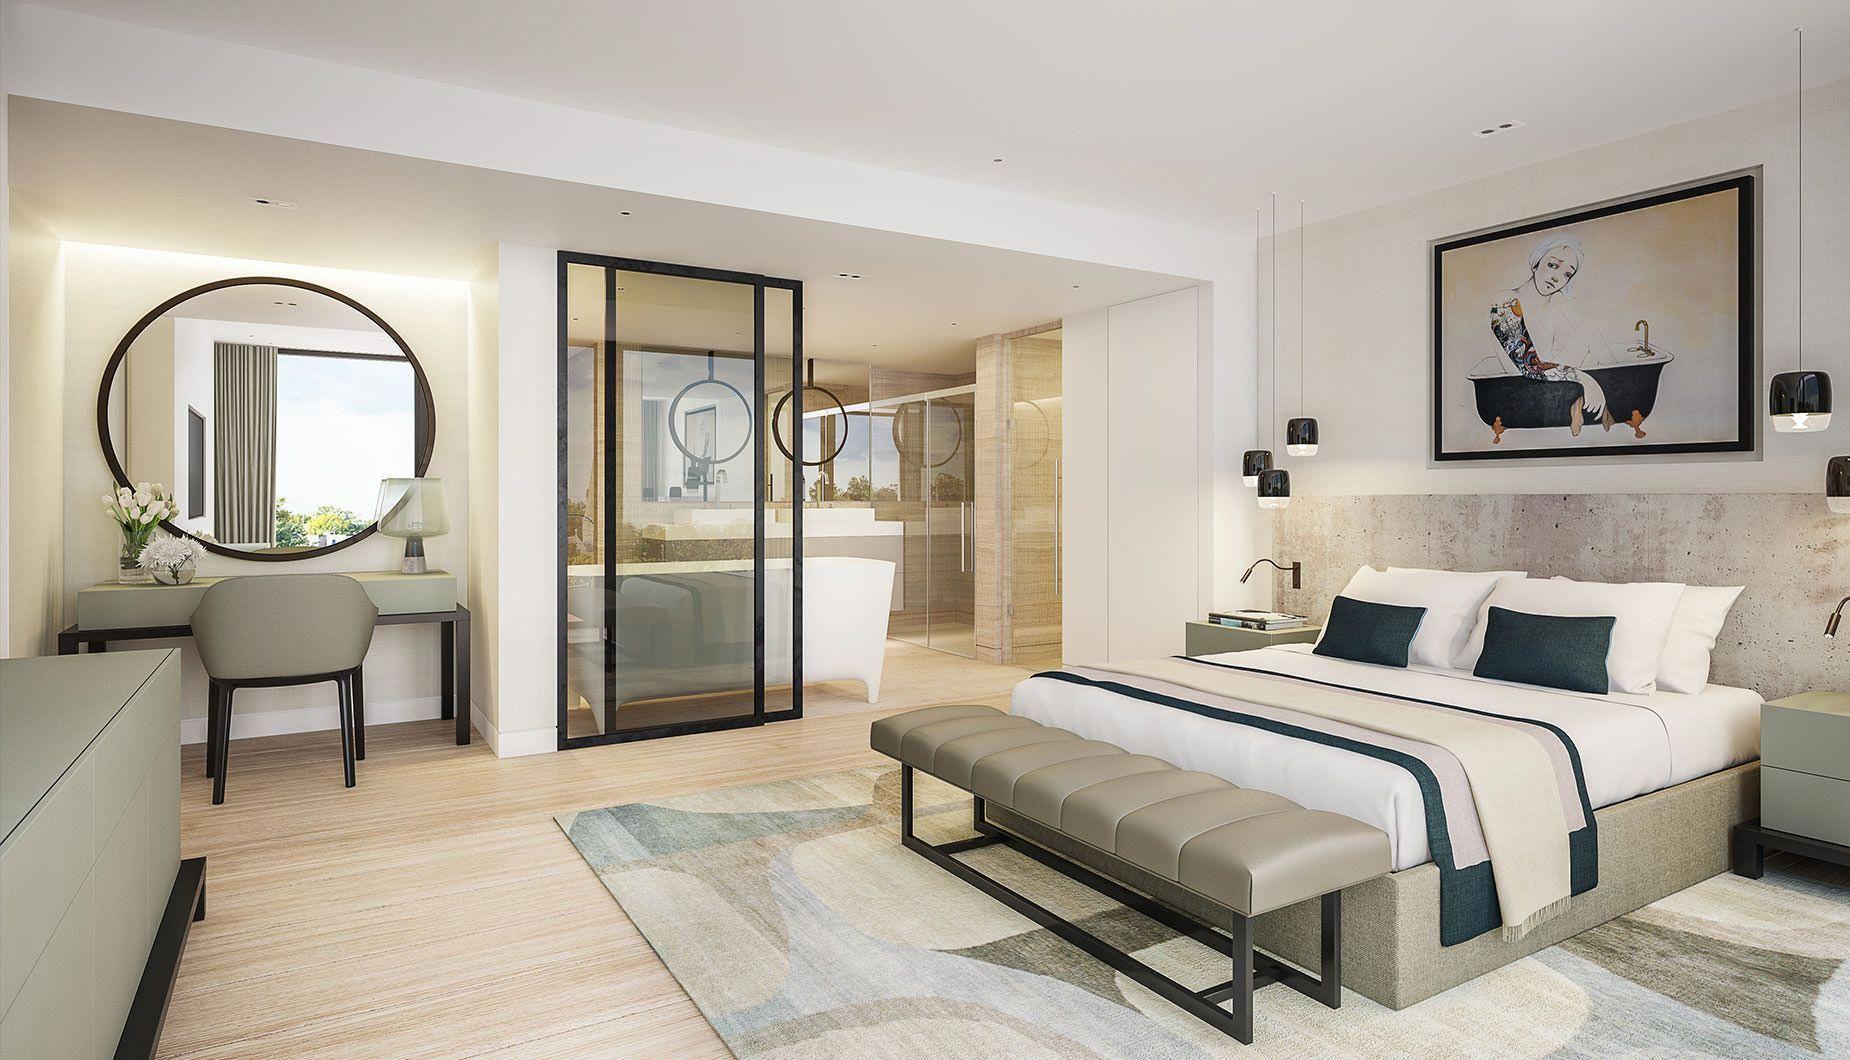 Ihr Schlafzimmer Teure Schauen Ohne Ein Bundel Verbringen Luxus